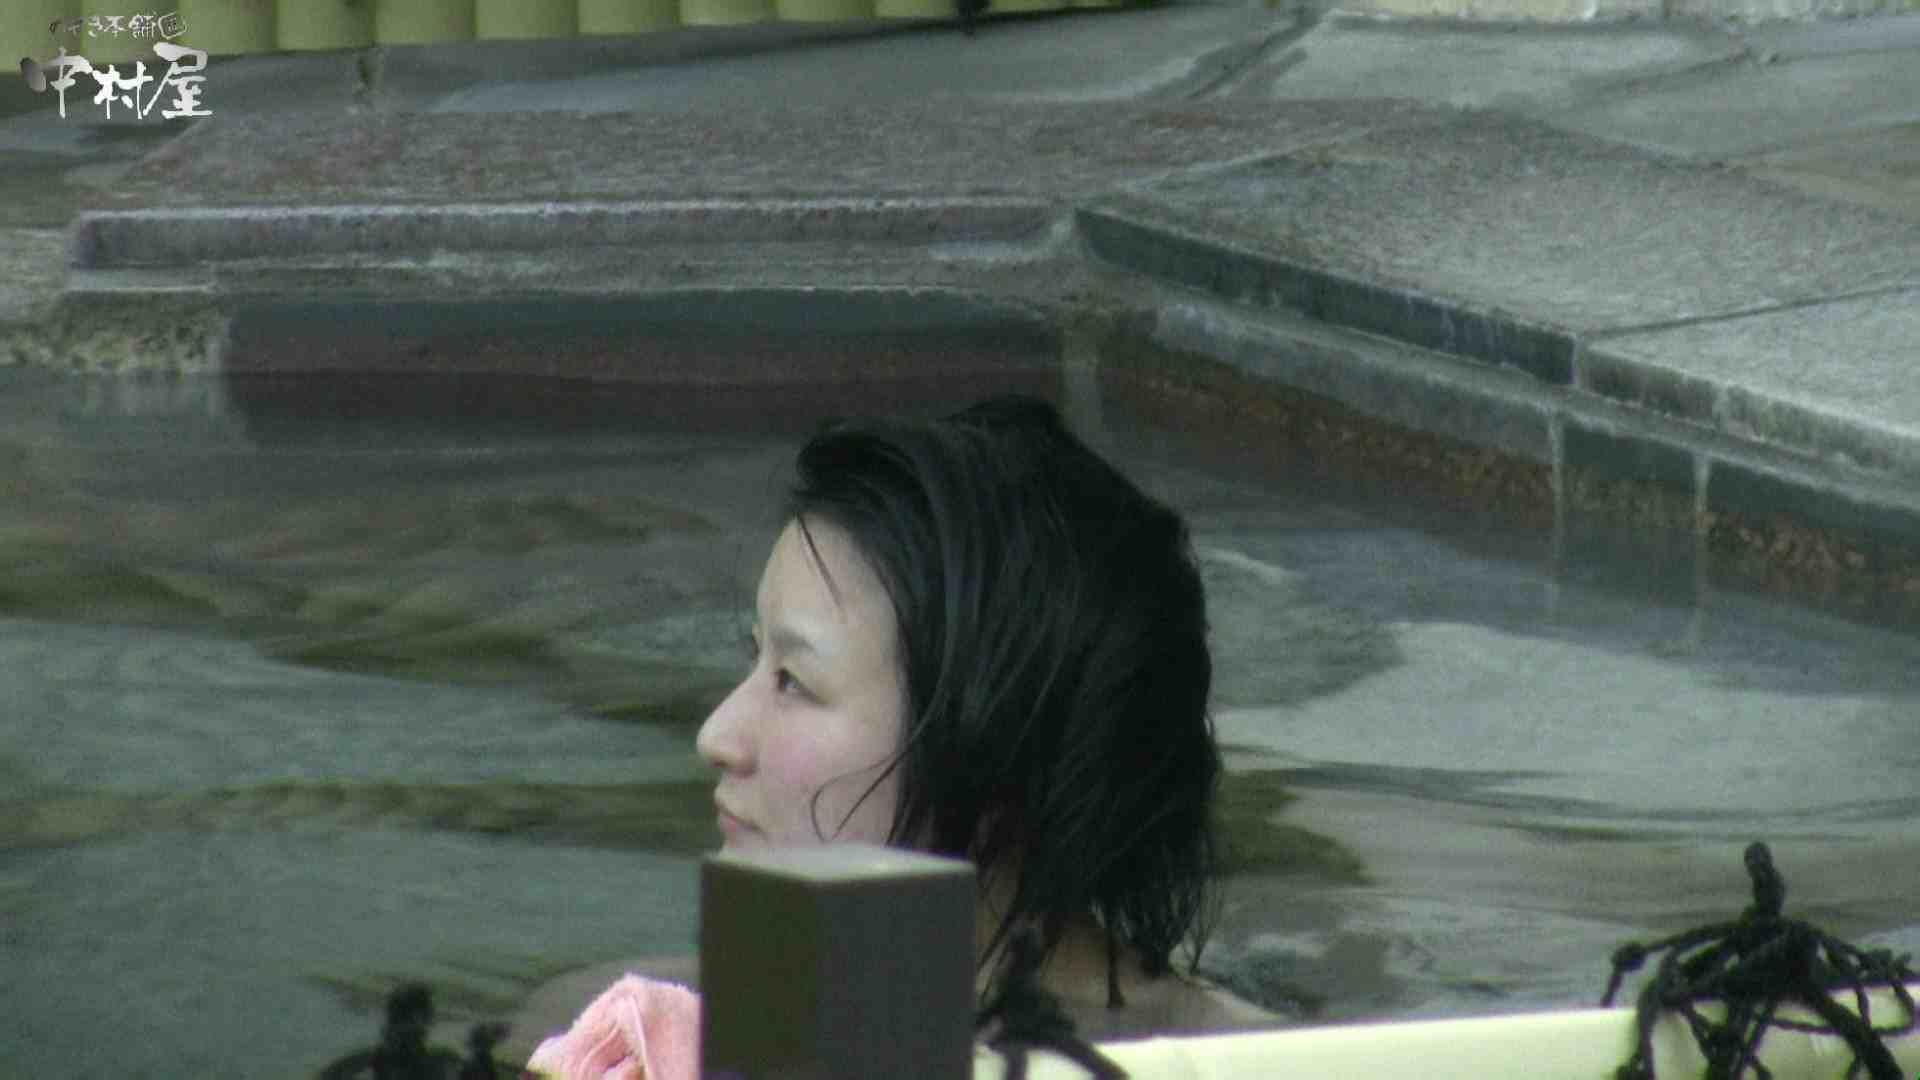 Aquaな露天風呂Vol.982 美しいOLの裸体  78pic 24